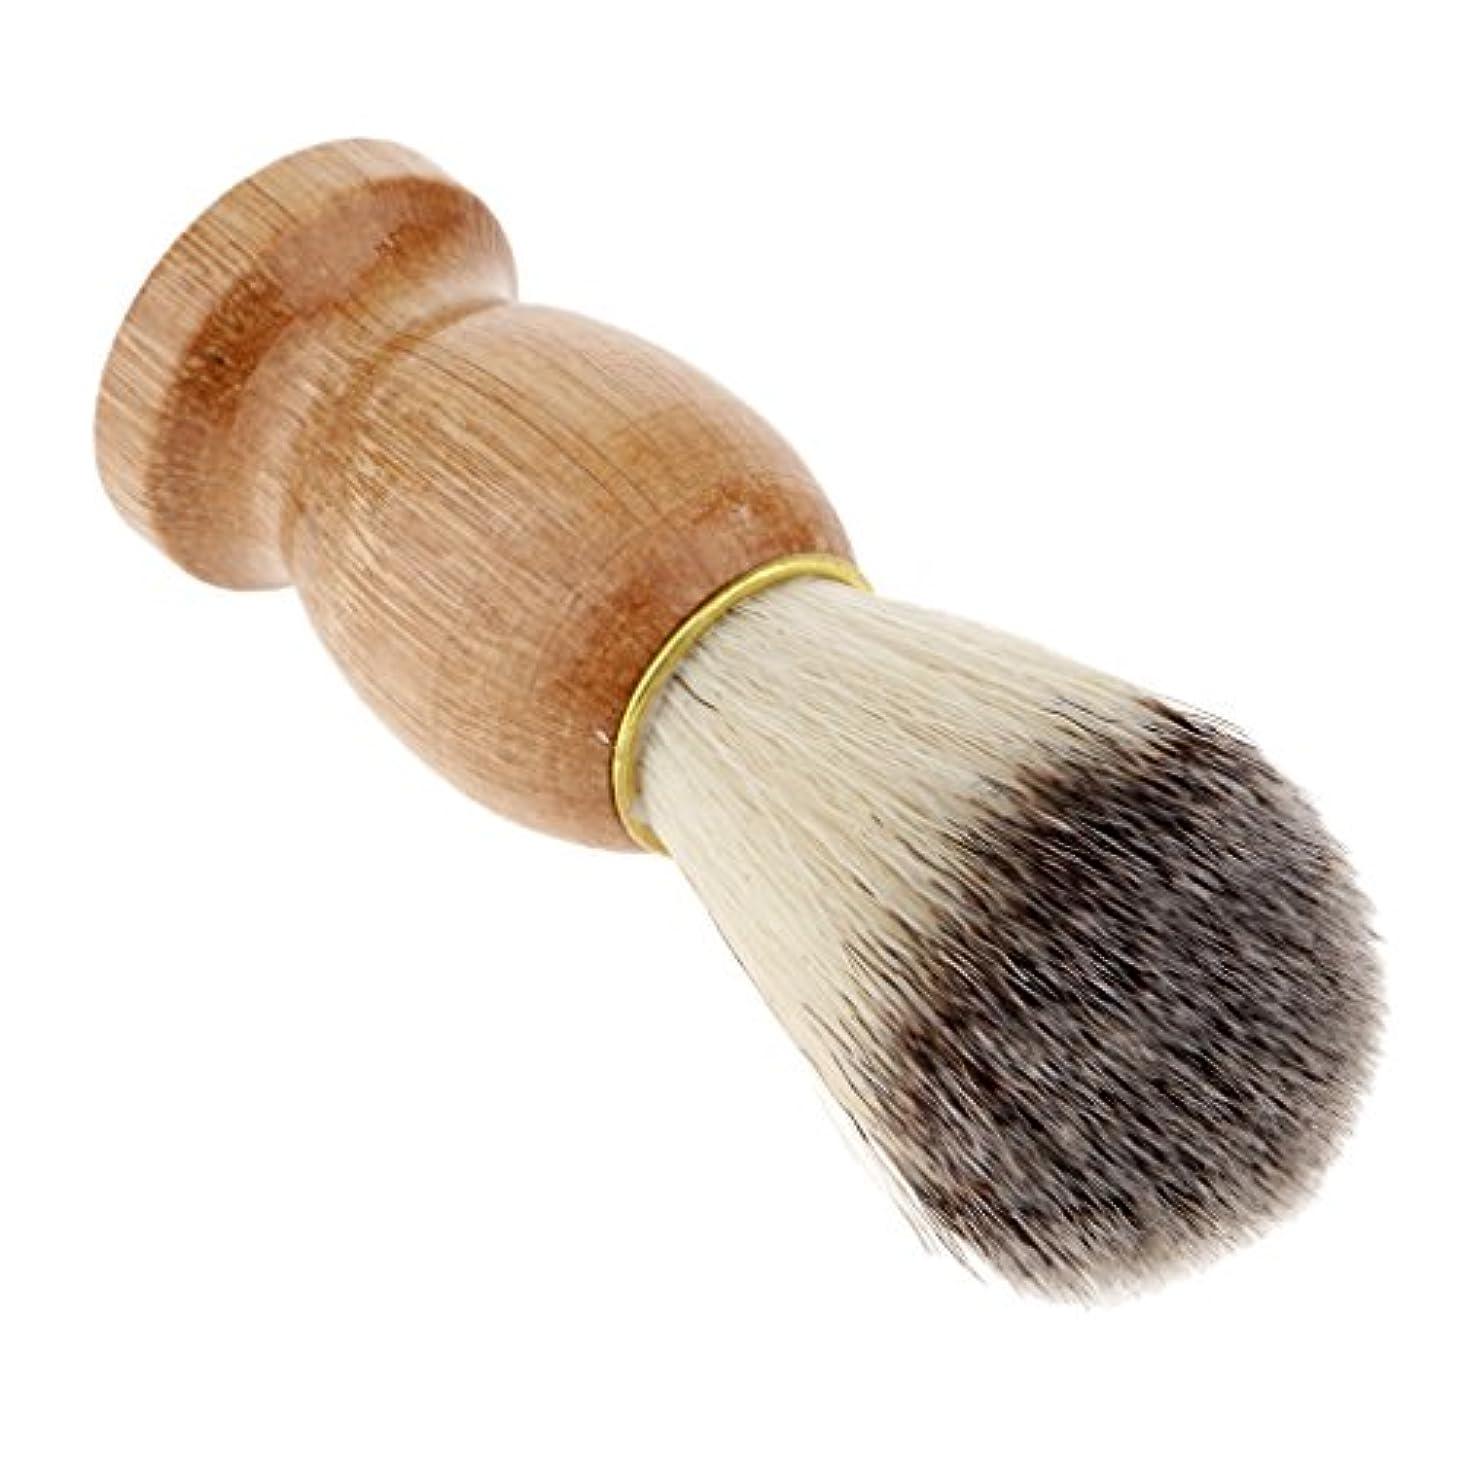 哀れな姪過ち人毛ひげの切断の塵の浄化のための木製のハンドルの剛毛の剃るブラシ